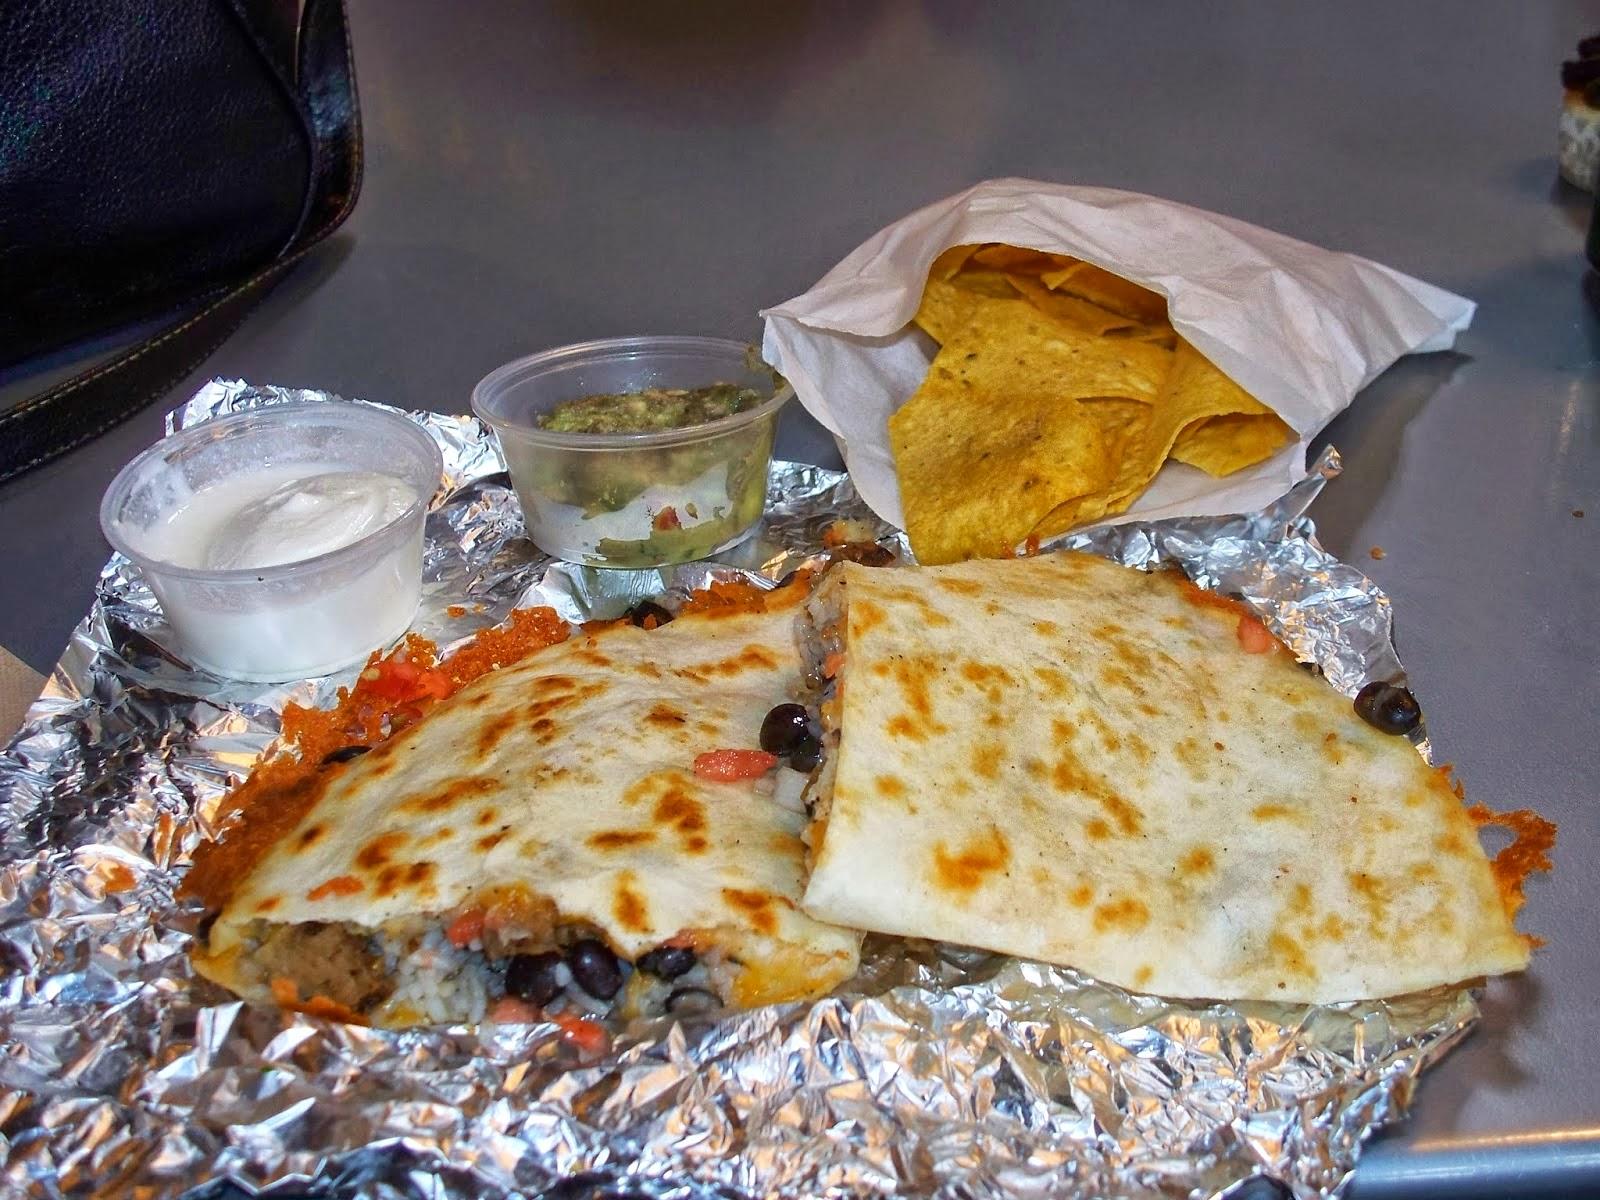 Burritodilla